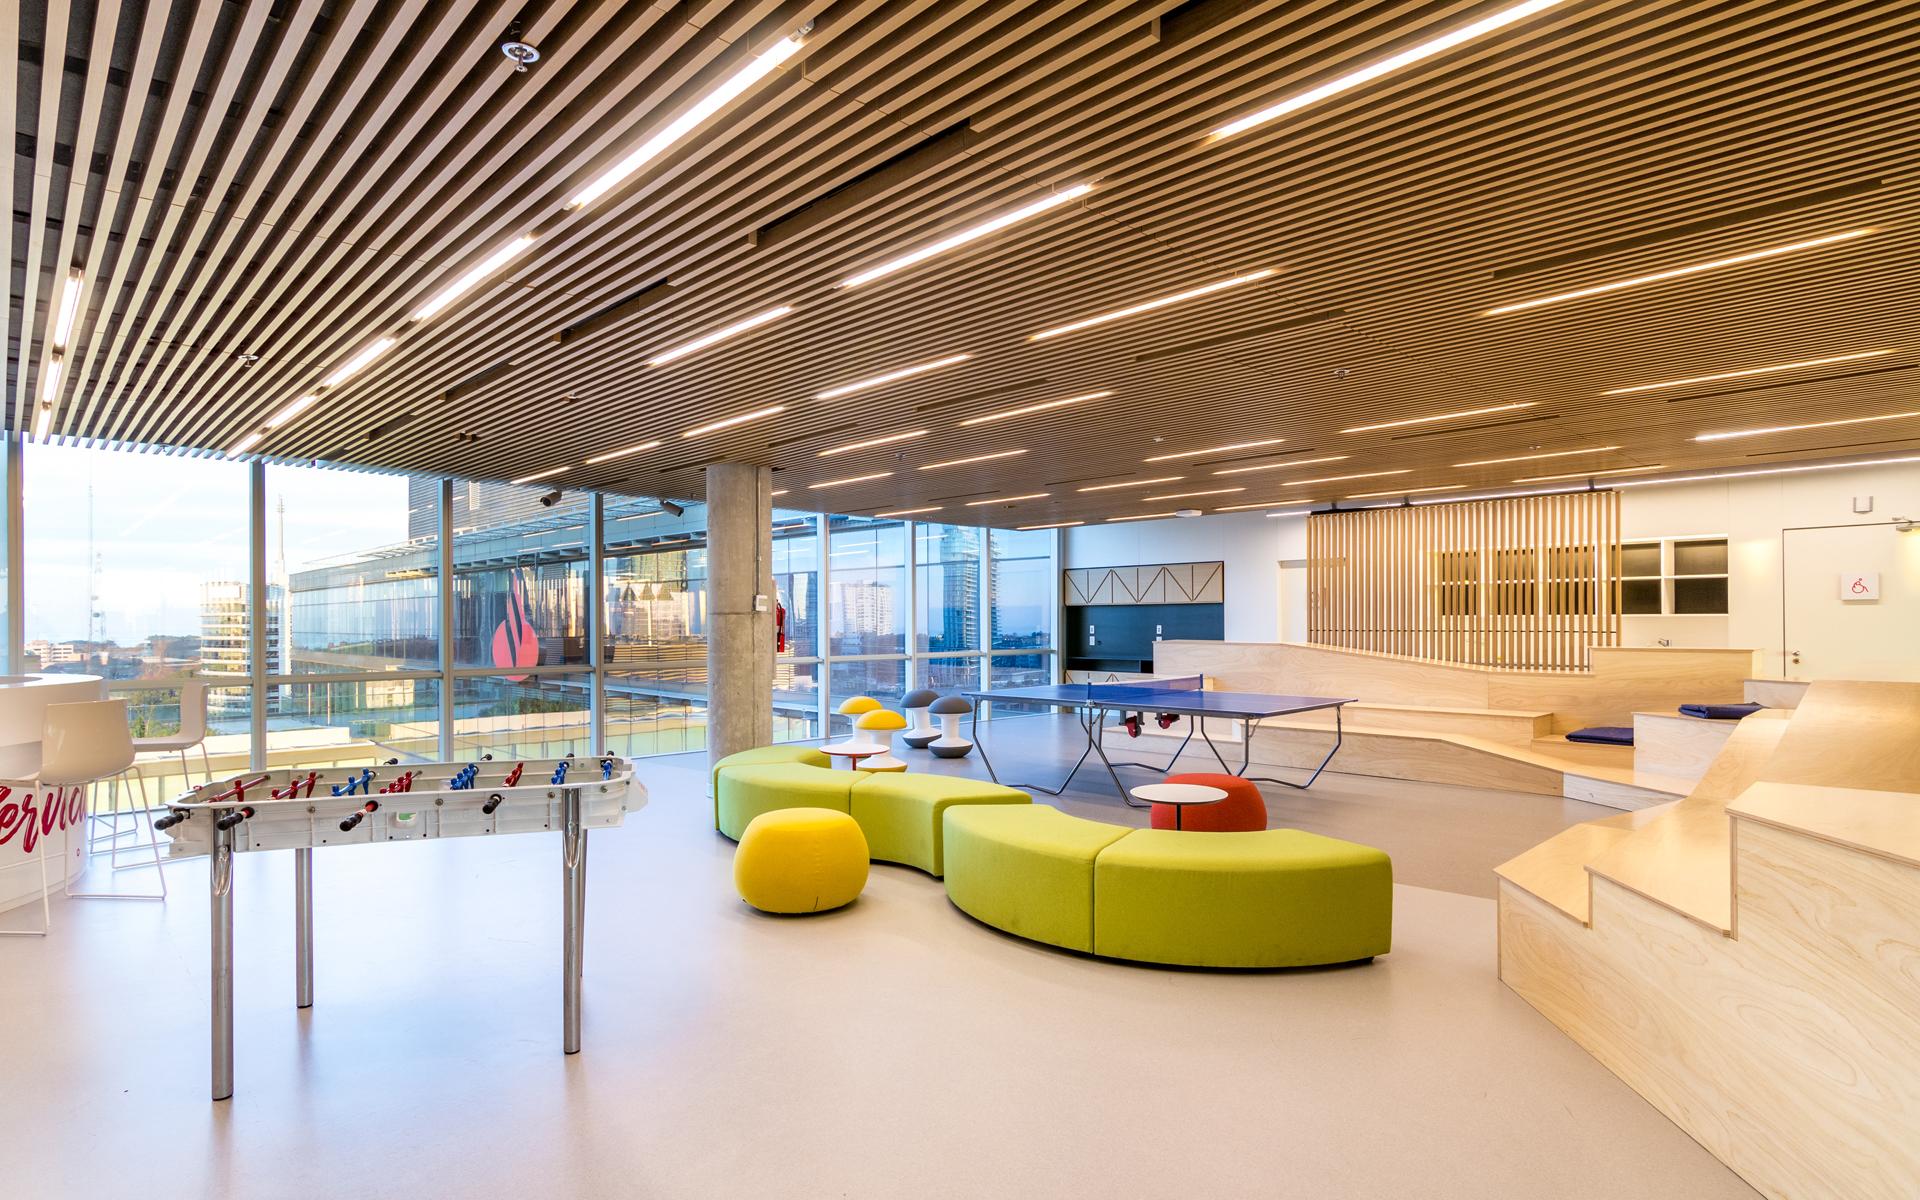 La nueva sede corporativa de Santander Argentina alberga a más de 2.500 empleados, que cuentan con espacios de recreación y distensión.